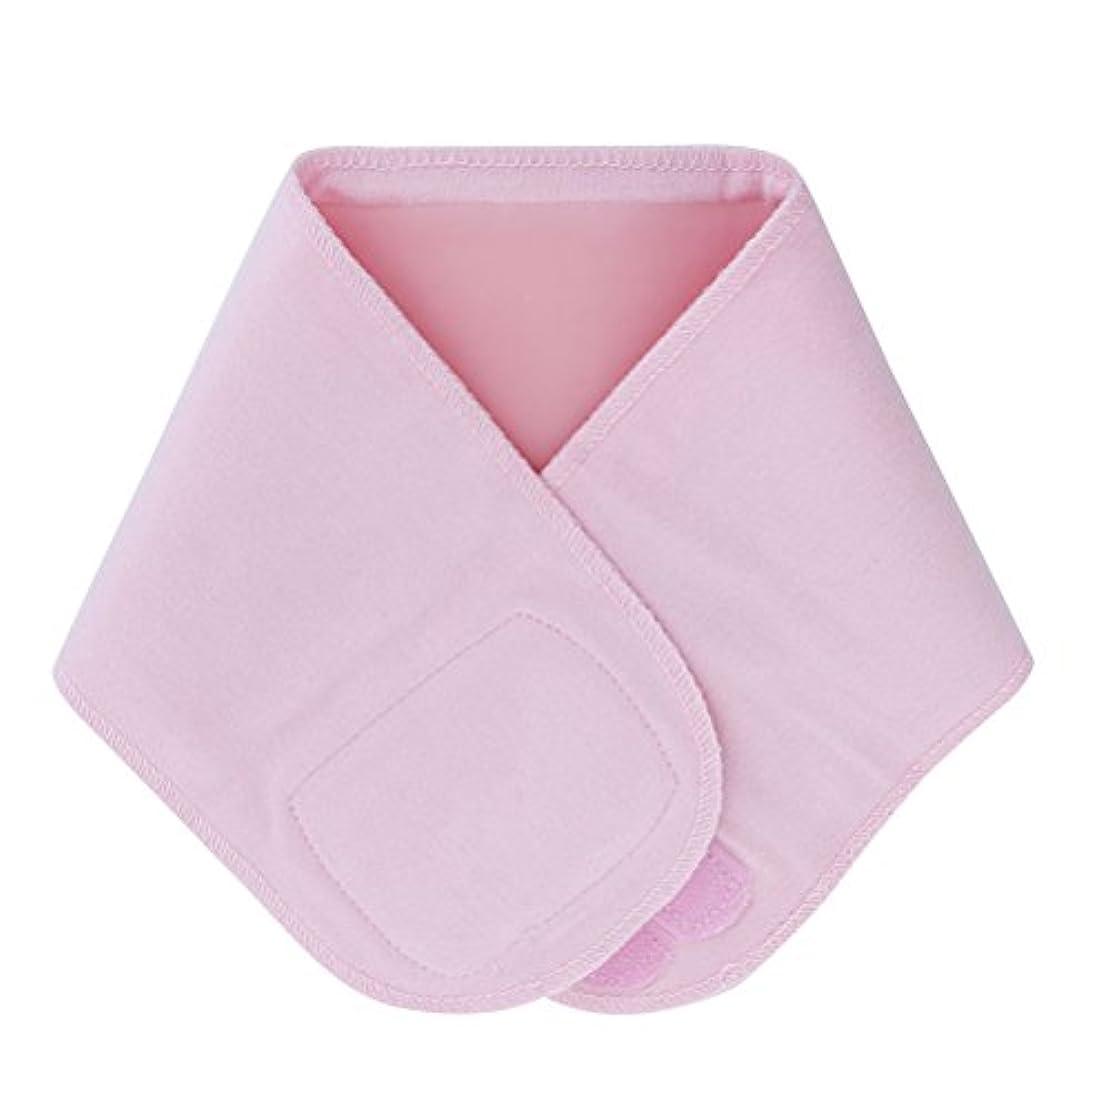 バスルーム歌詞北米Healifty 首 サポーター 首パック 補水 保湿 ゲルパック 角質対策 ムチ打ち 首こり 解消 着脱 簡単(ピンク)